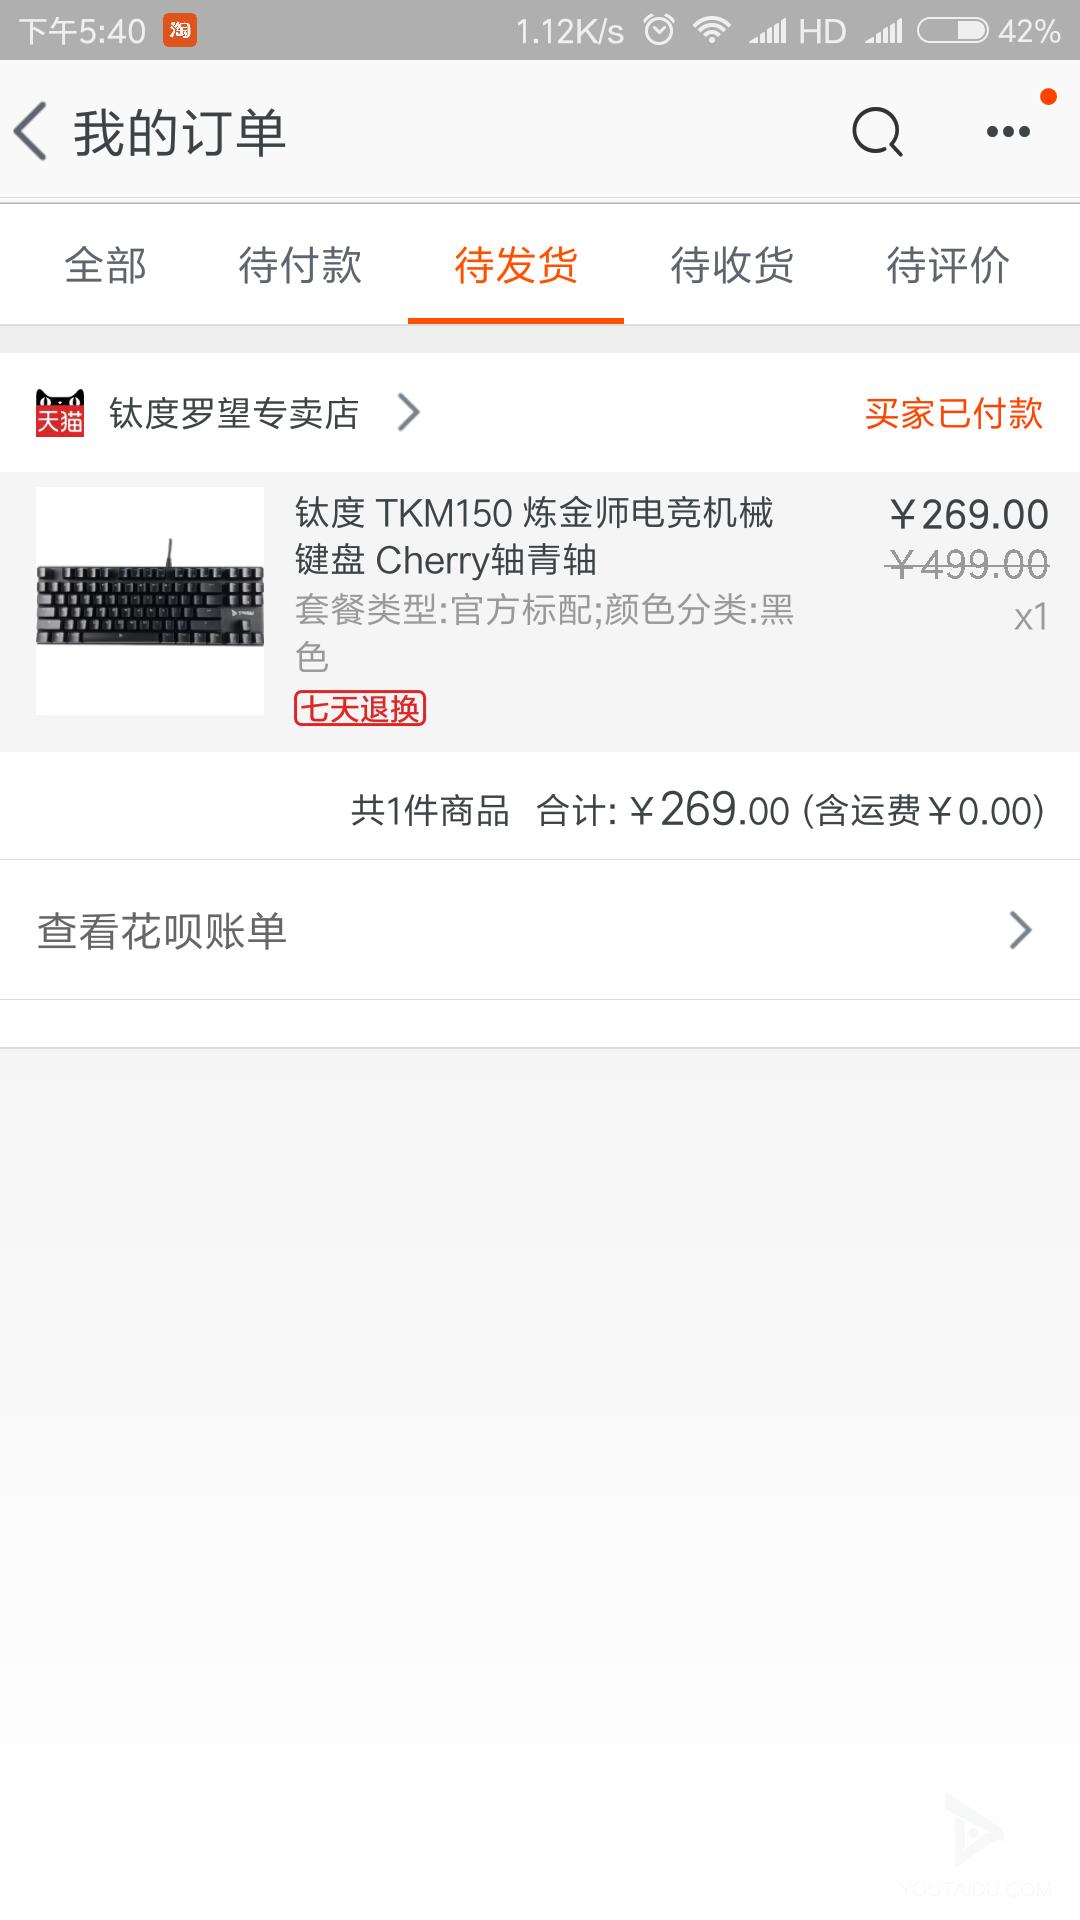 Screenshot_2016-11-25-17-40-30-916_com.taobao.tao.png